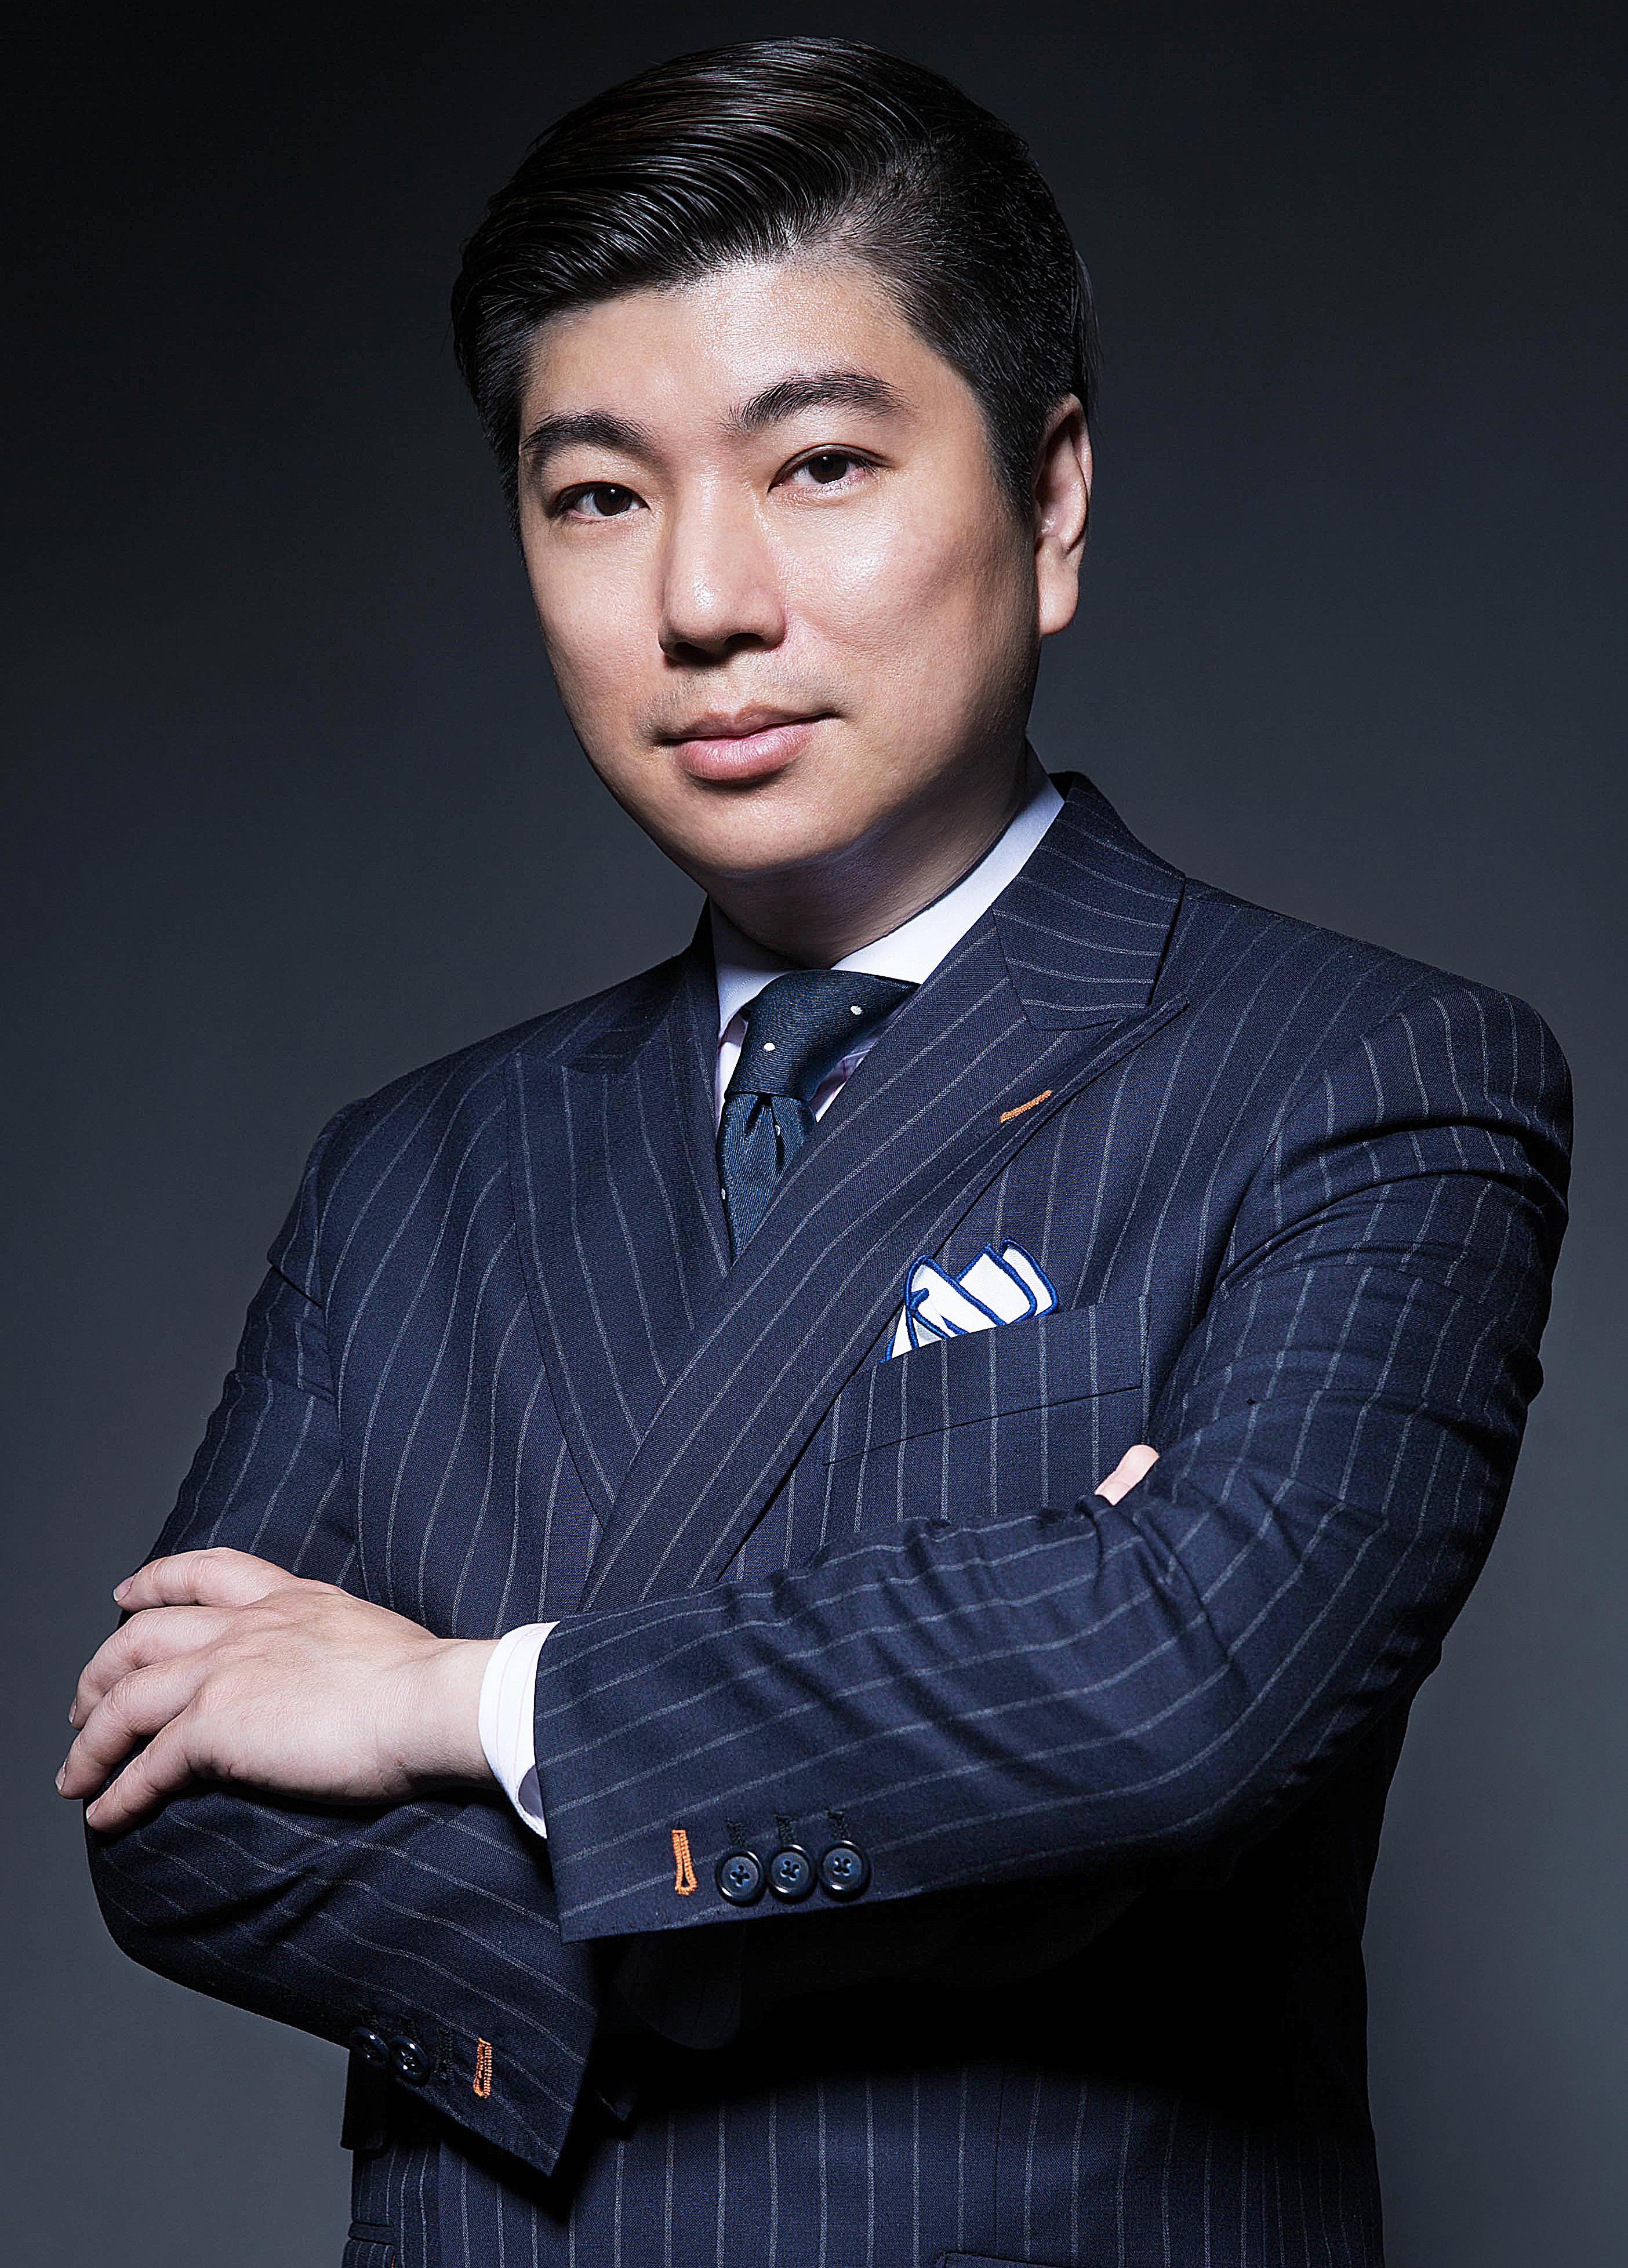 """林弘德先生自2004年开始为集团公司 (iTutorGroup)效力,负责vipabc青少年英语的产品开发和市场拓展。他是""""领英""""的影响者,最近更被中国CBN(第一财经)选为中国优秀管理者。此次接受《胡润杂志》专访,分享vipabc青少年作为在线教育领导品牌的特别之处。"""